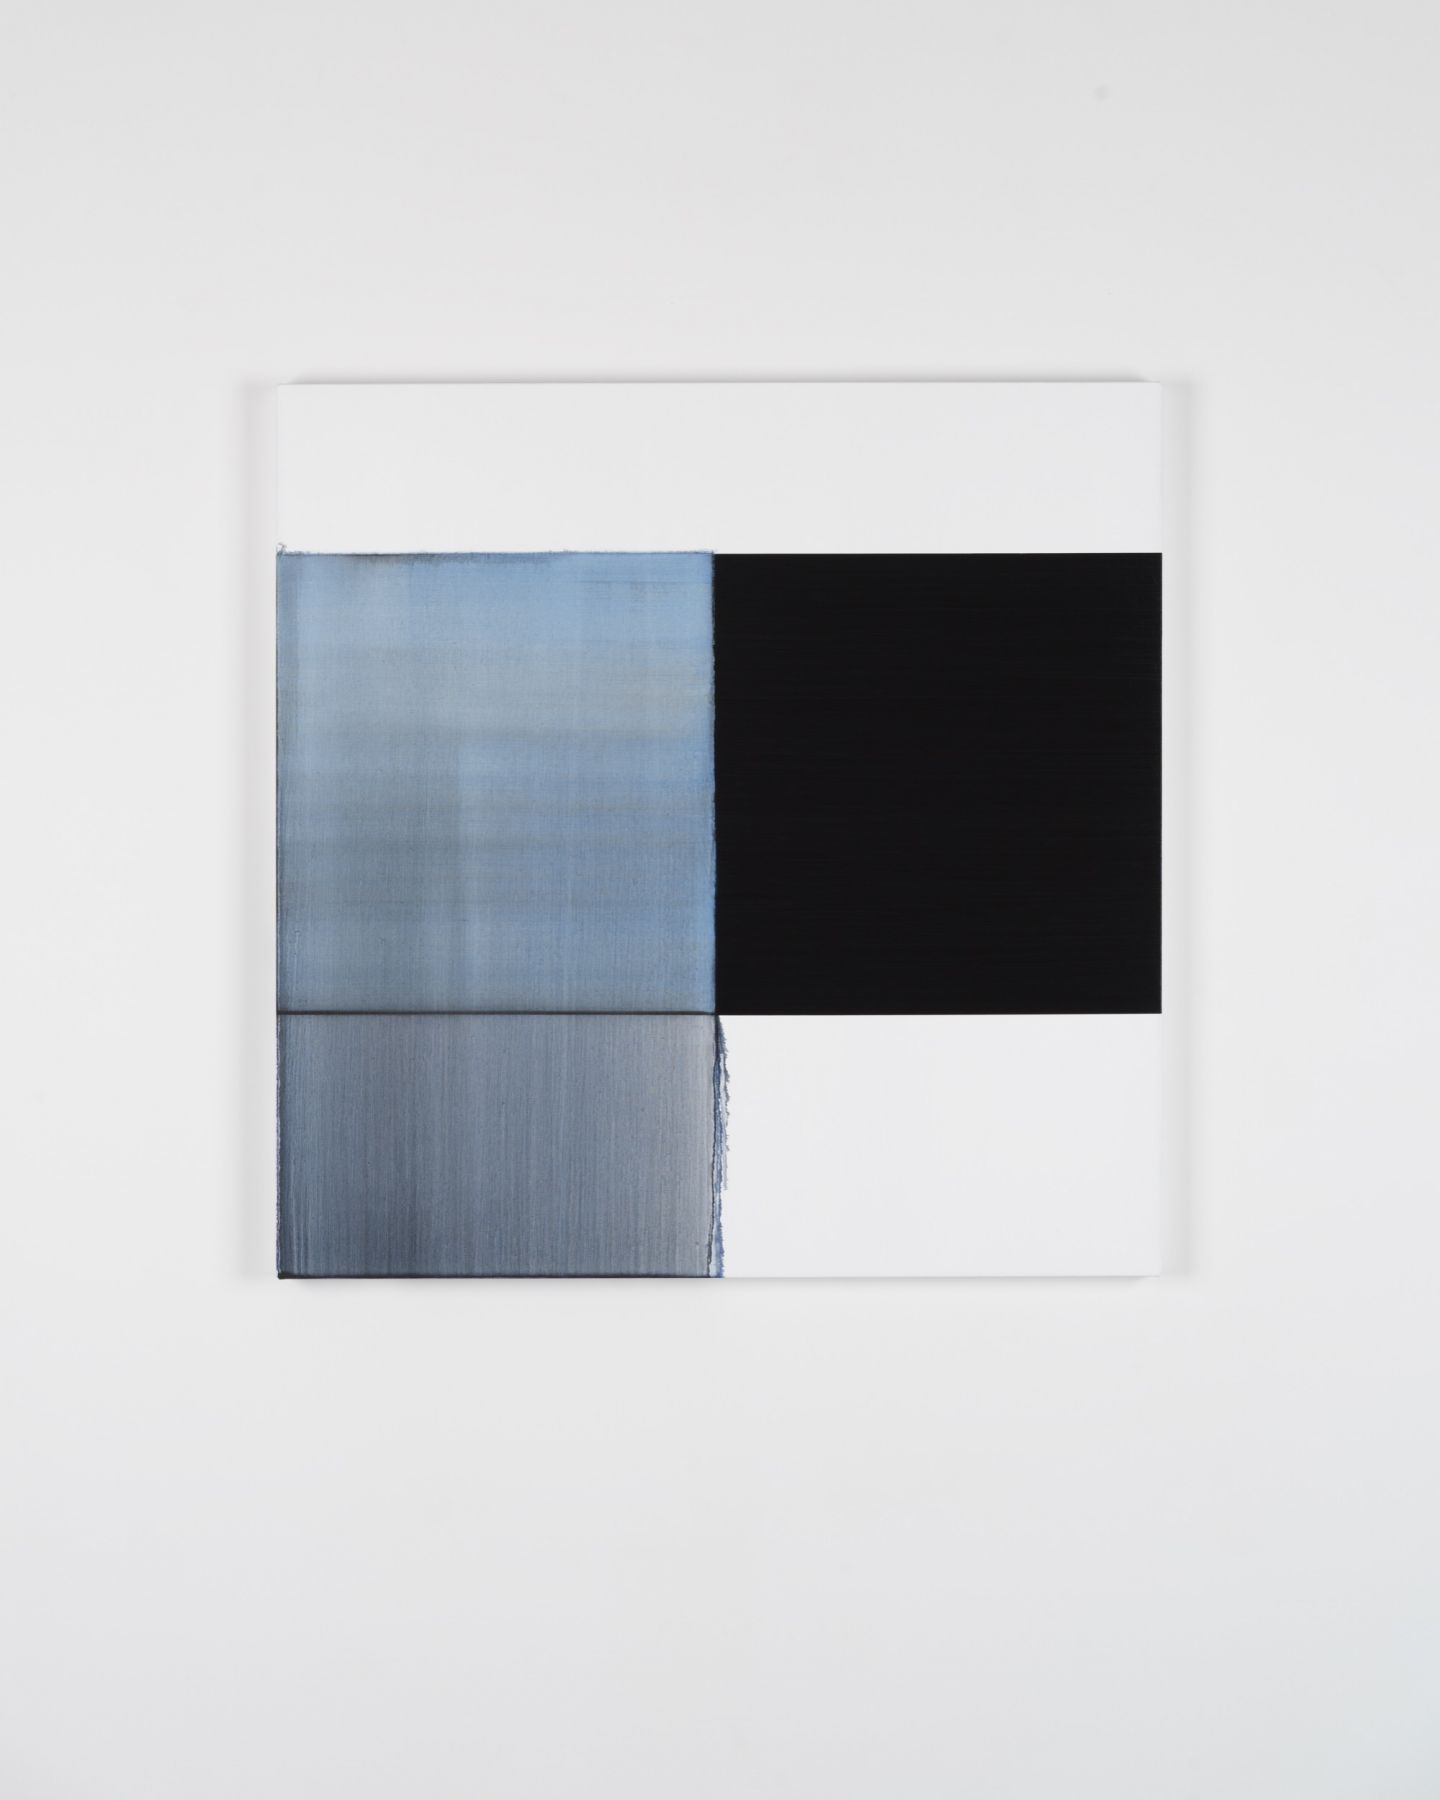 CALLUM INNES Exposed Painting Delft Blue, 2018